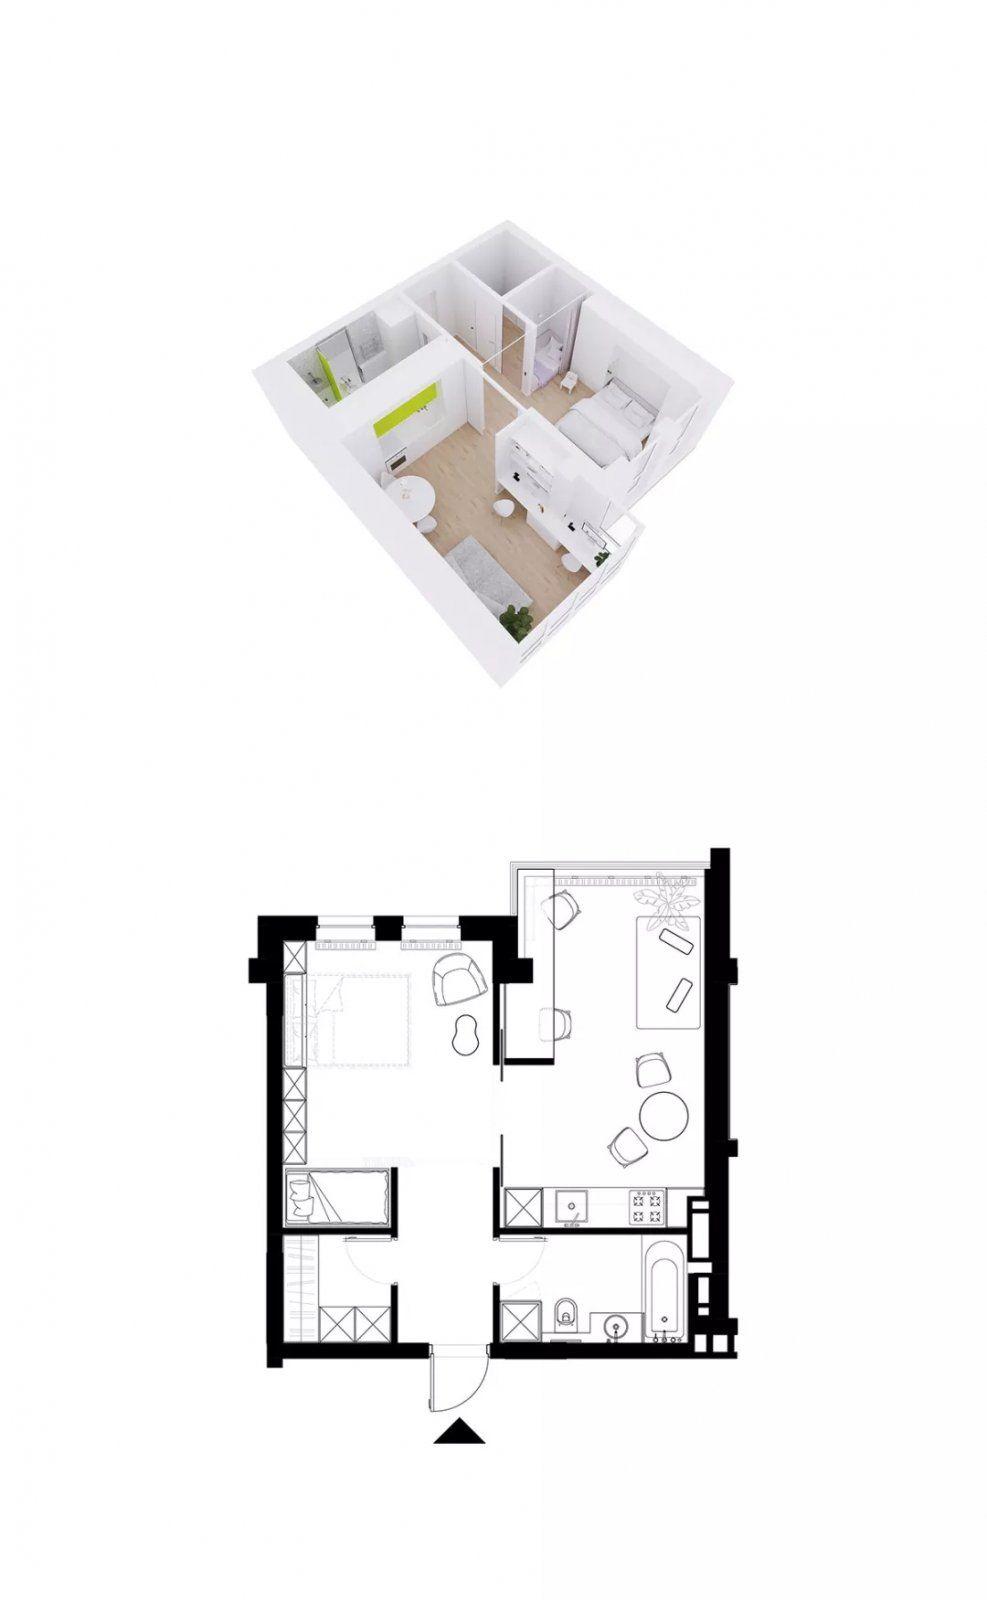 在48平米的小空间里,感受色彩的和谐与冲突 Z River Studio|Z River Studio - 10